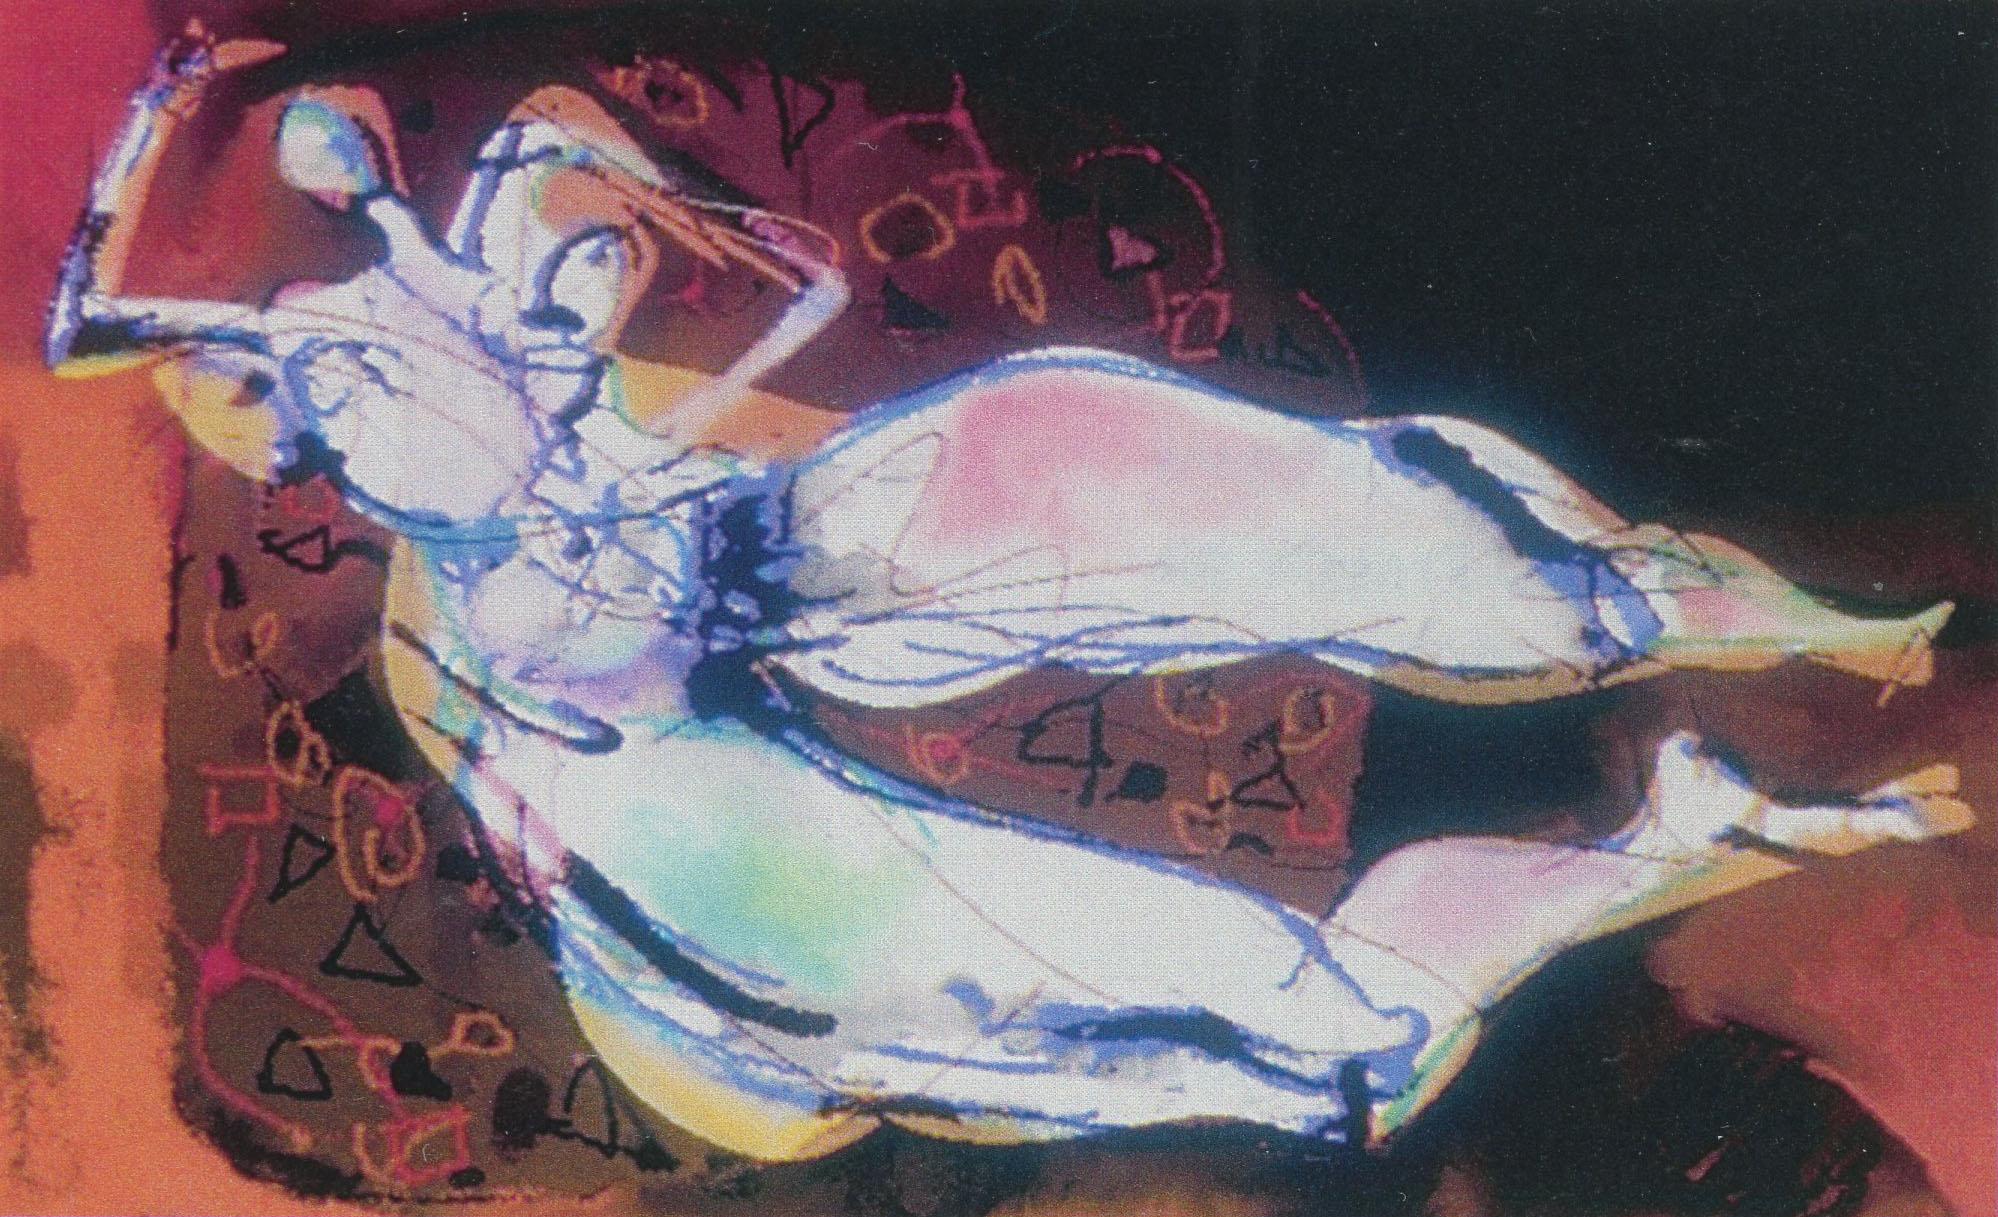 ©1994, Toshihiro Anzai, RENGA